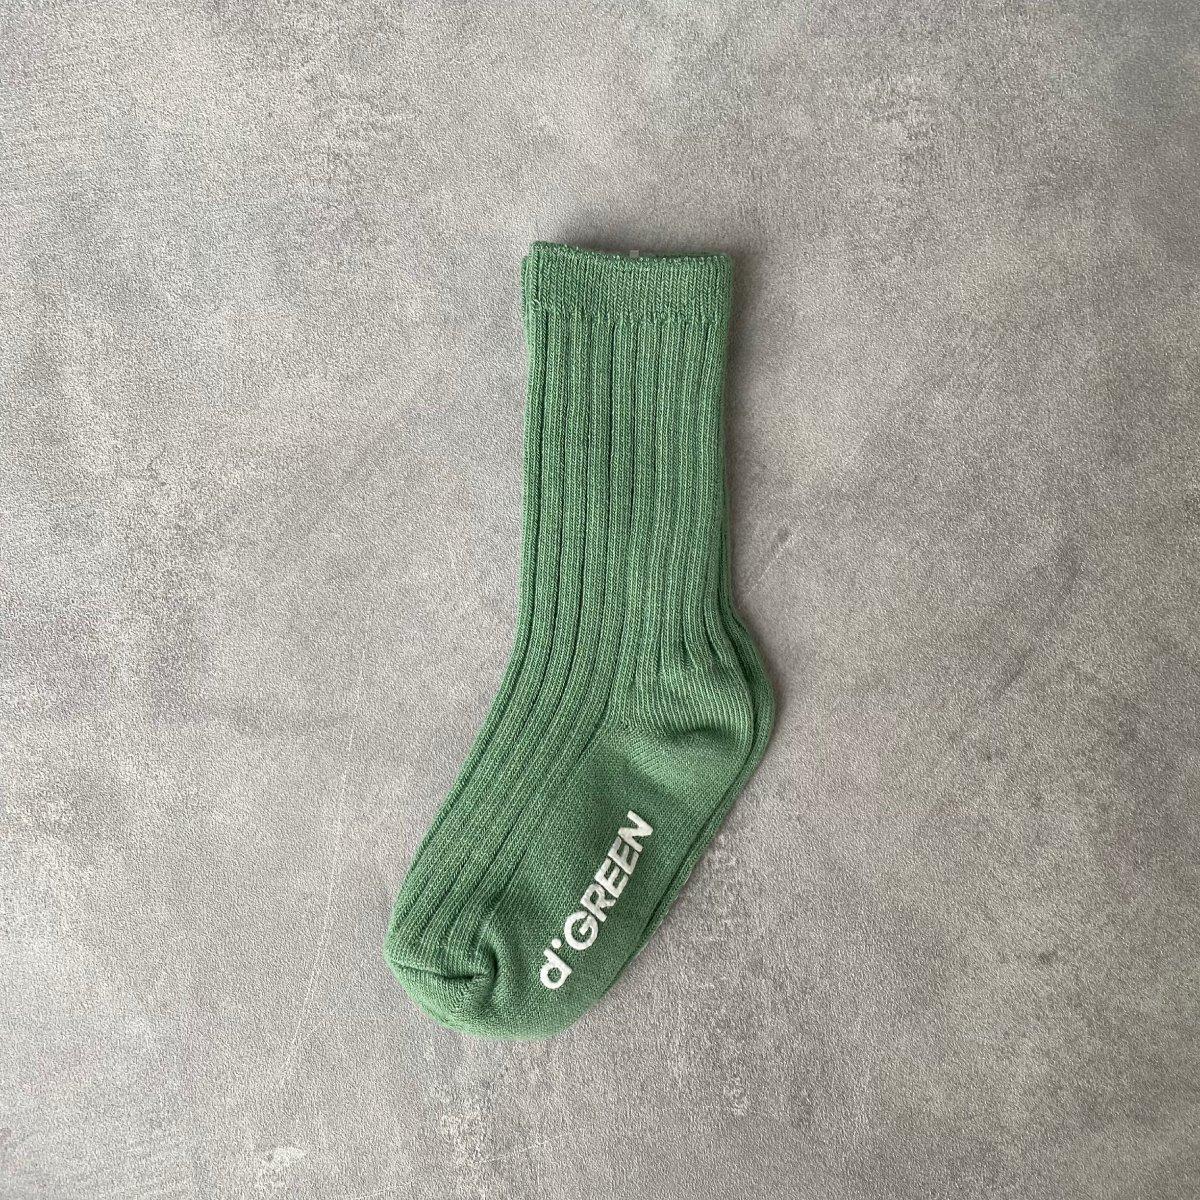 【KIDS】Pistachio Socks 詳細画像11